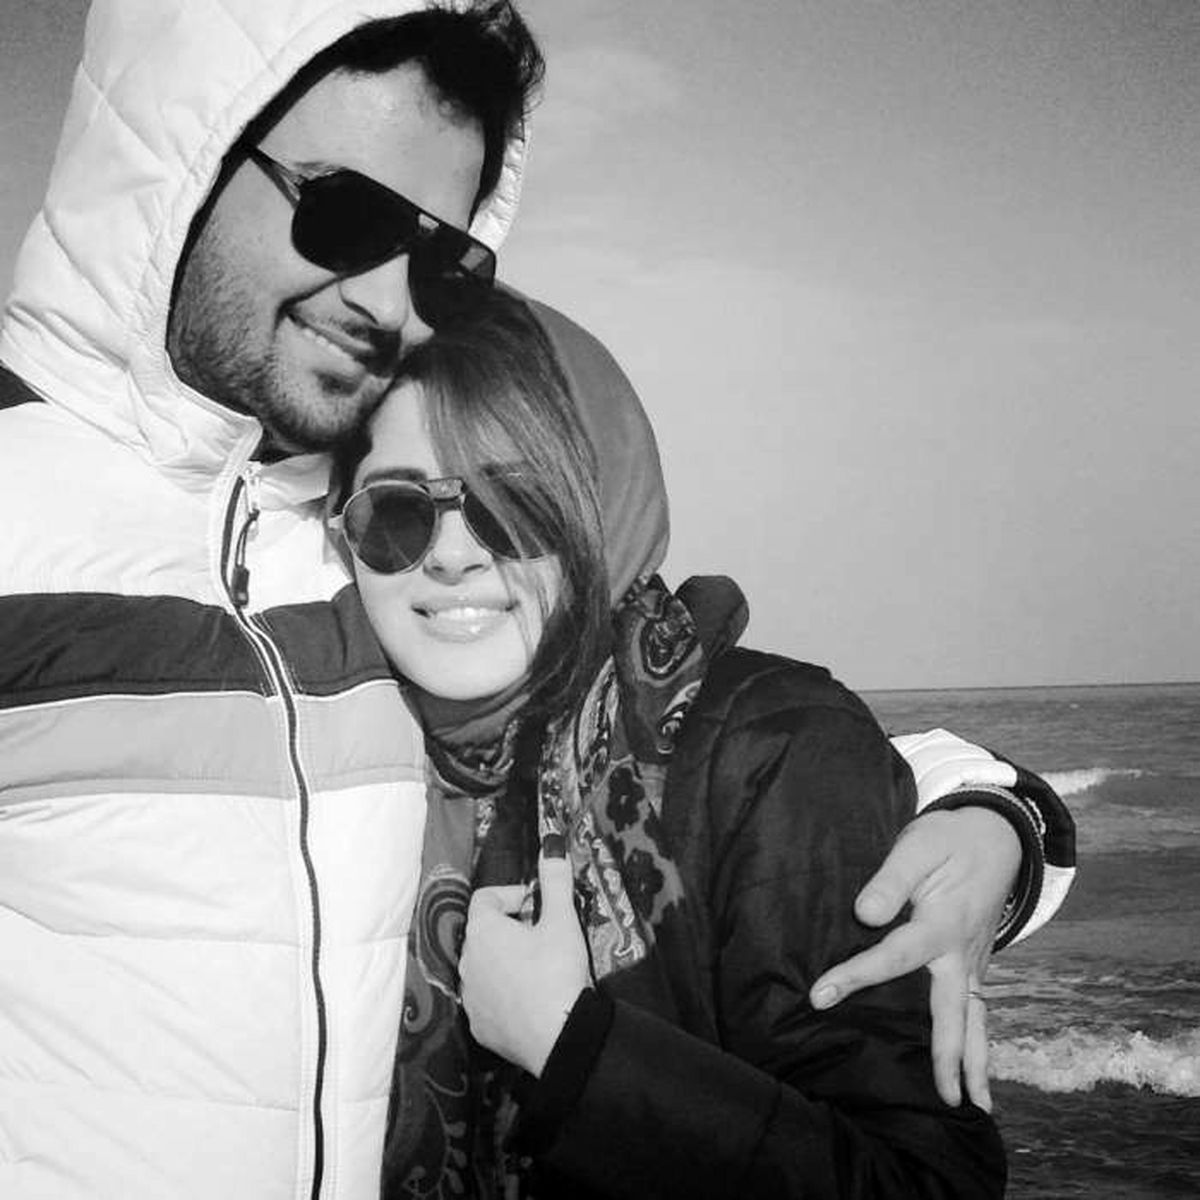 مهدی سلوکی بازیگر ستایش و همسر جوانش + عکس